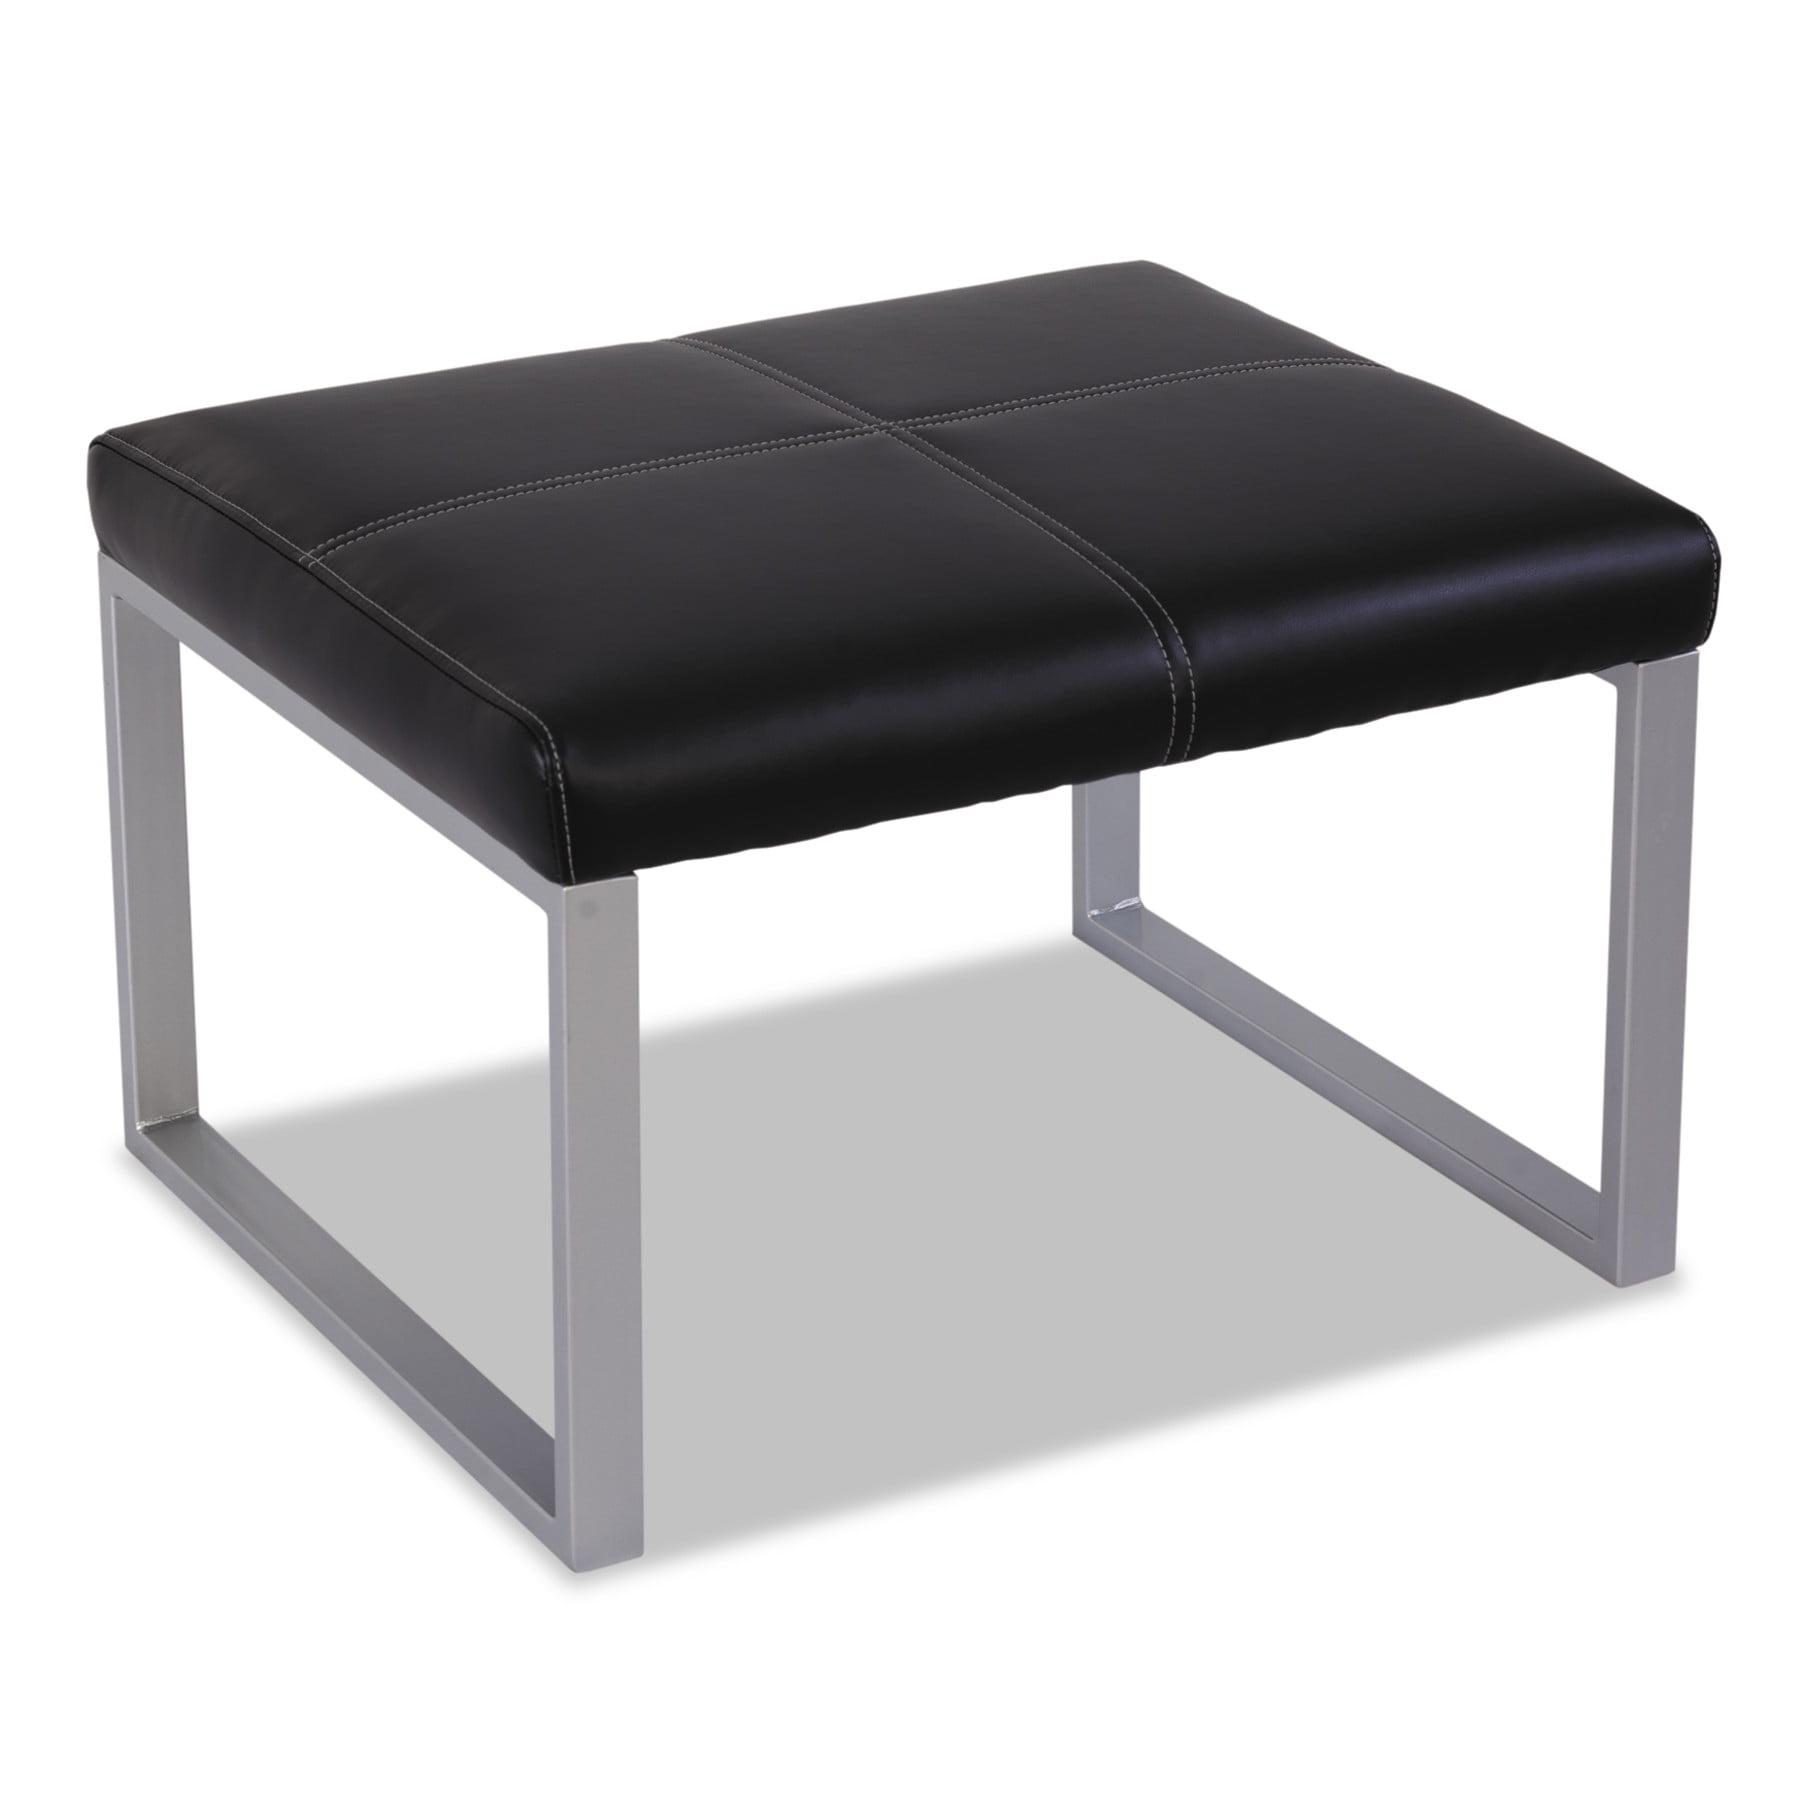 Alera Alera Ispara Series Cube Ottoman, 26-3/8 x 22-5/8 x 17-3/8, Black/